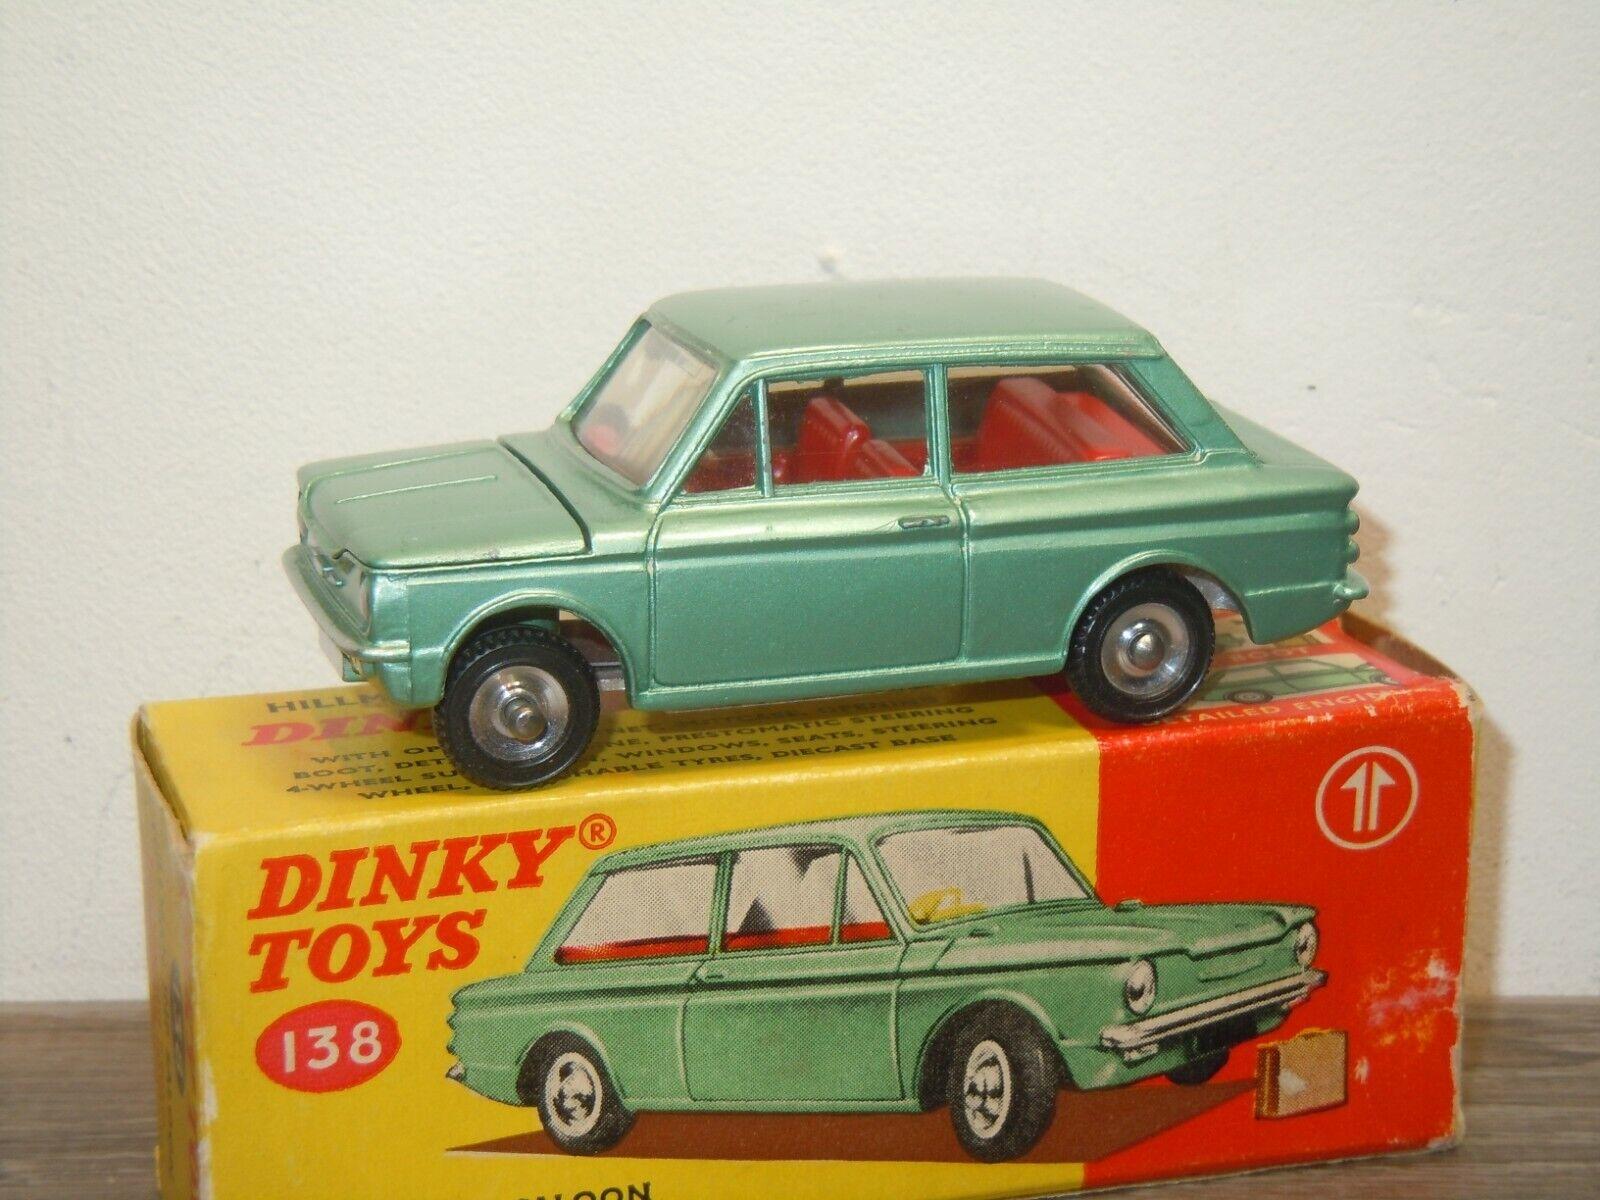 scegli il tuo preferito Hilluomo IMP Saloon - Dinky giocattoli 138 Engle in scatola scatola scatola 36965  prezzi eccellenti